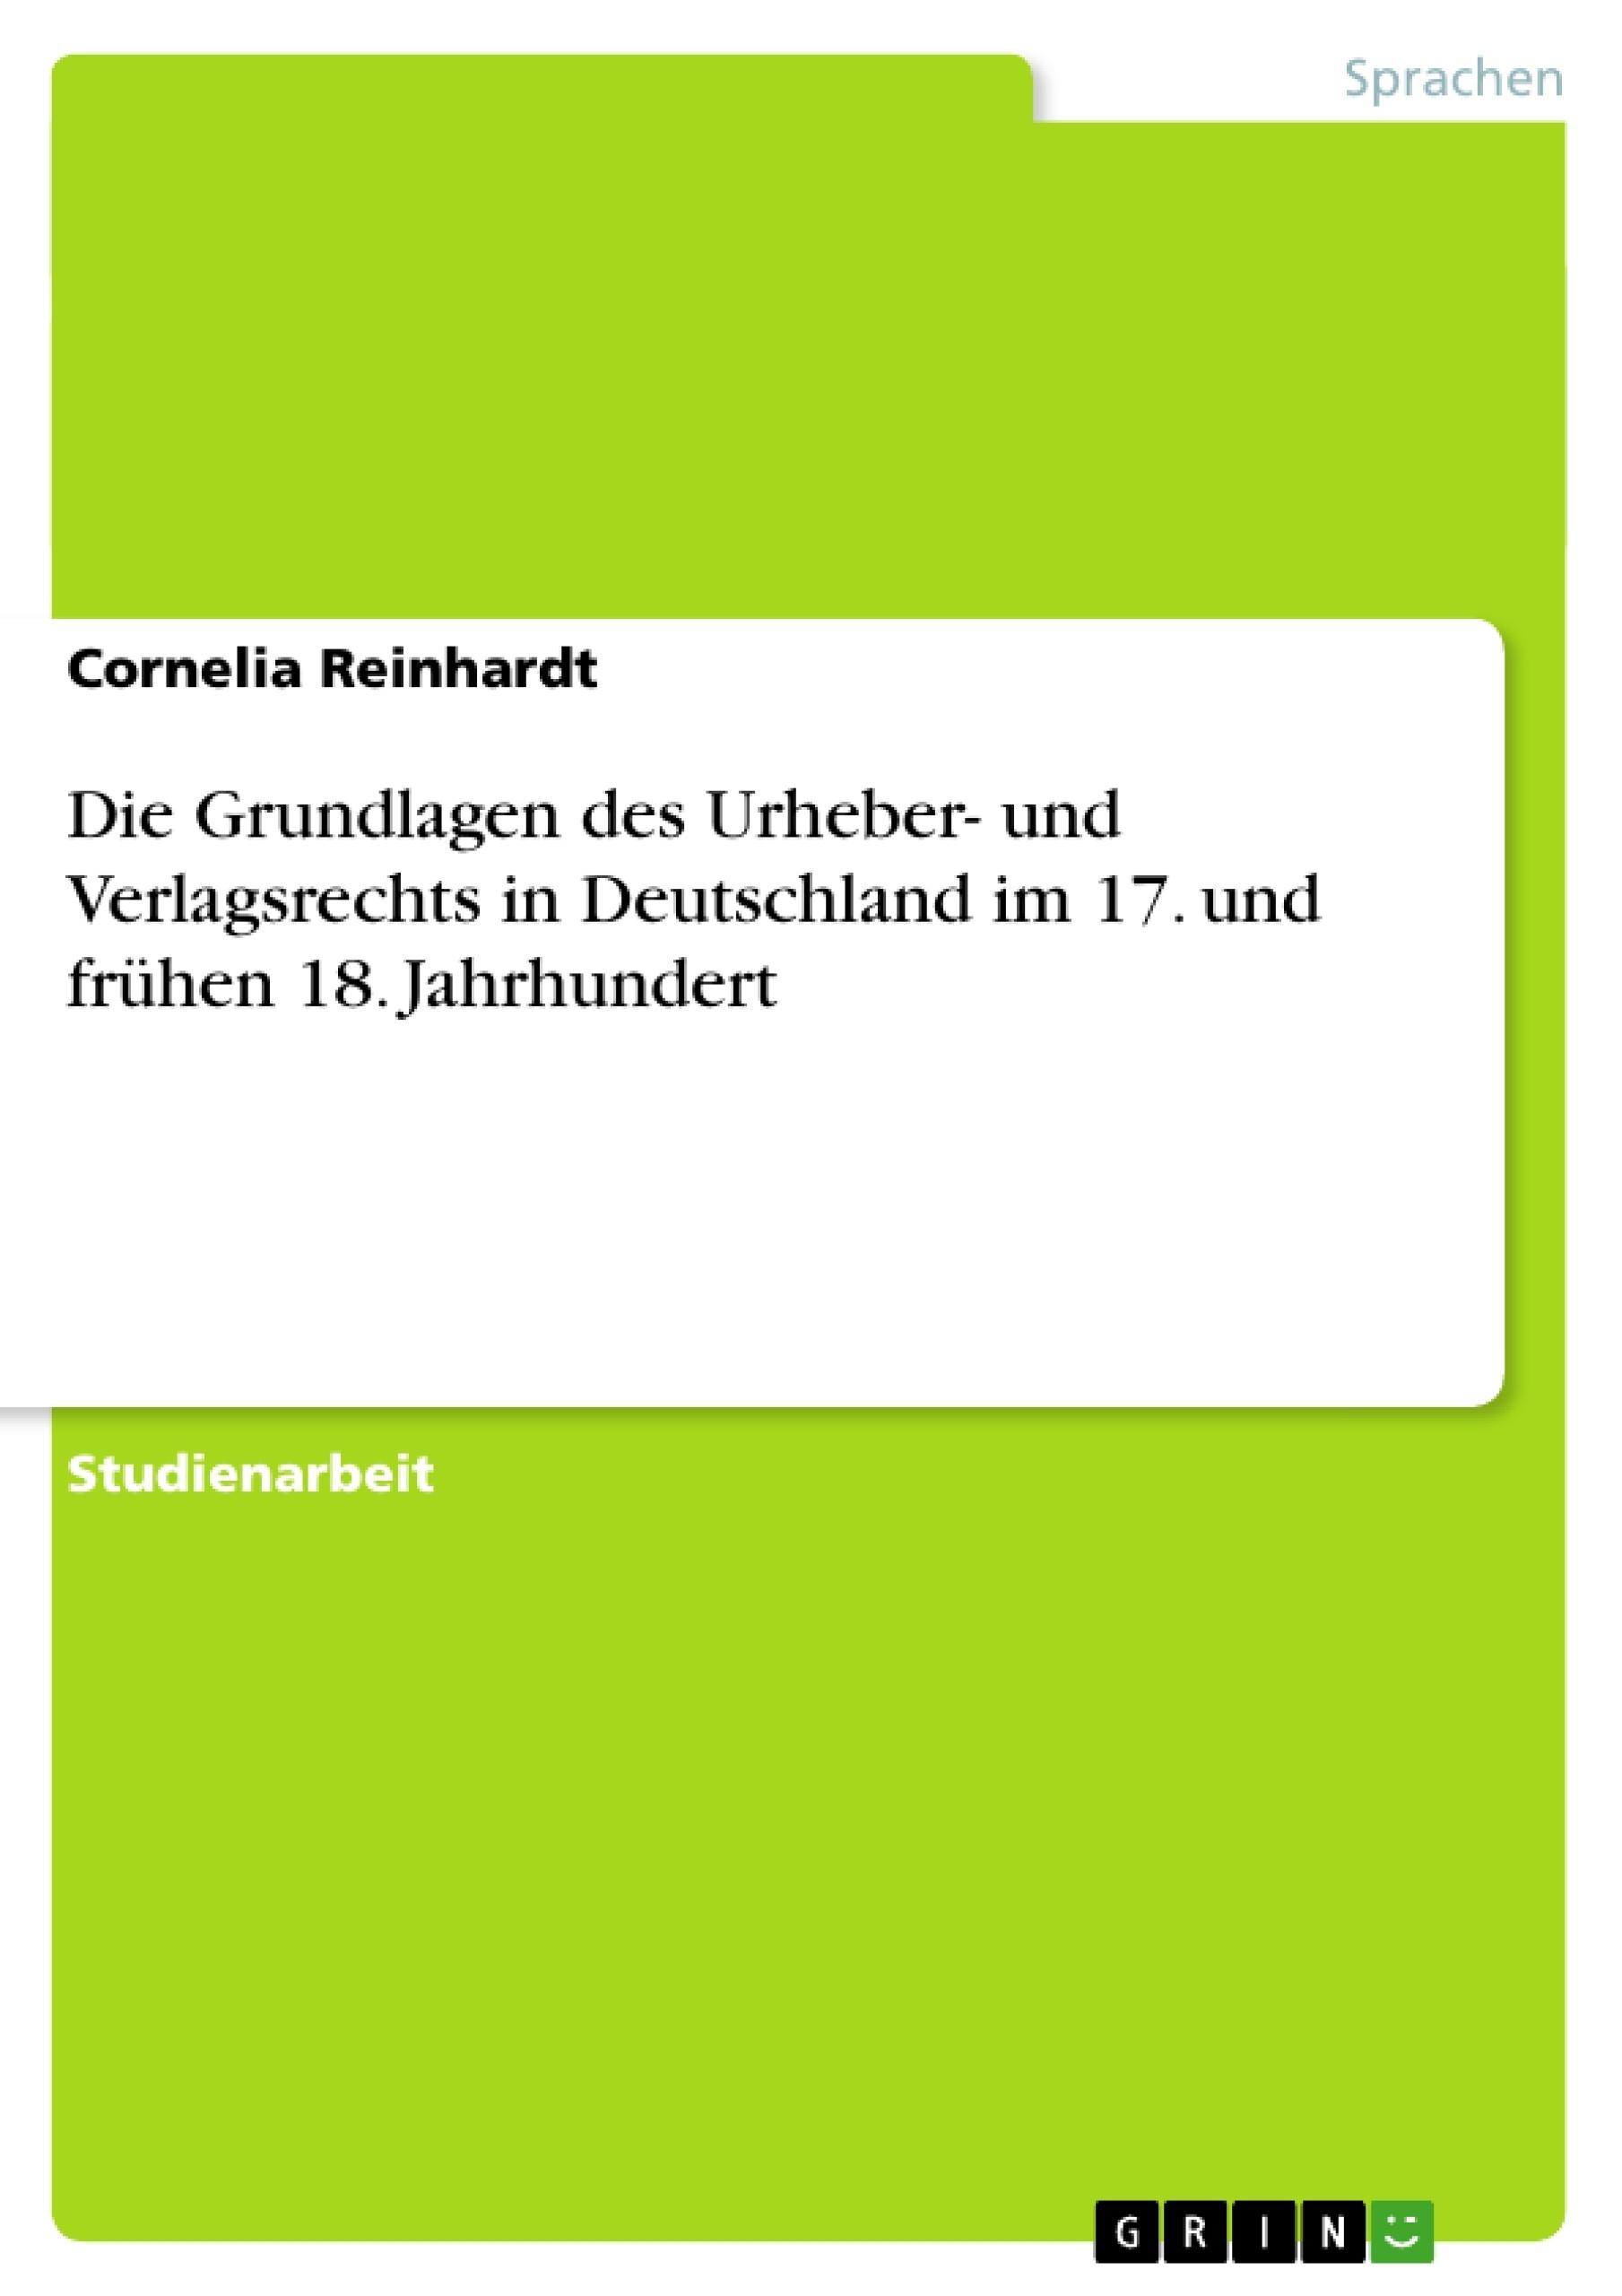 Titel: Die Grundlagen des Urheber- und Verlagsrechts in Deutschland im 17. und frühen 18. Jahrhundert